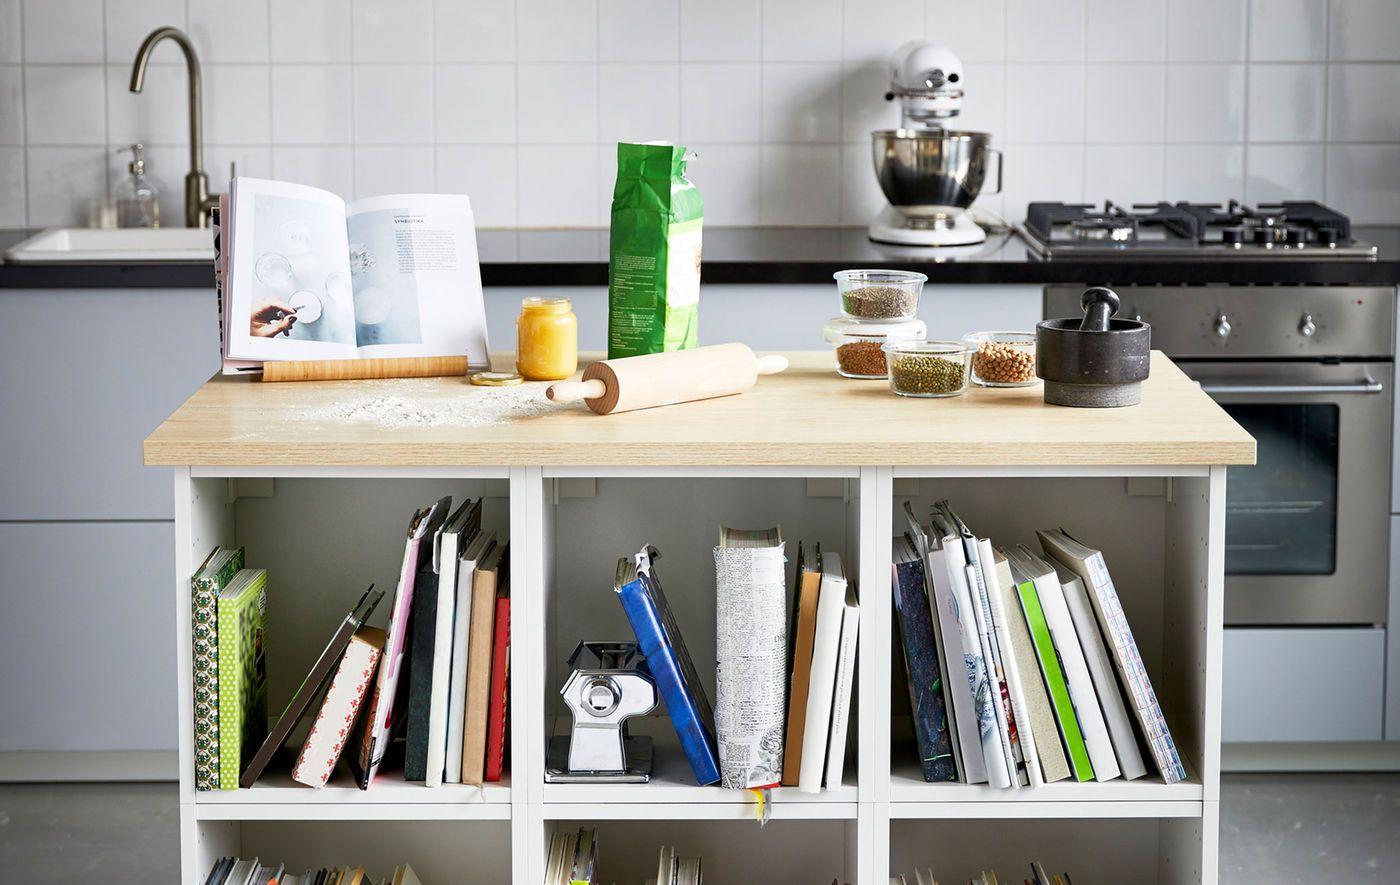 Gemütlich Lichtideen Für Kücheninsel Bilder - Küchenschrank Ideen ...